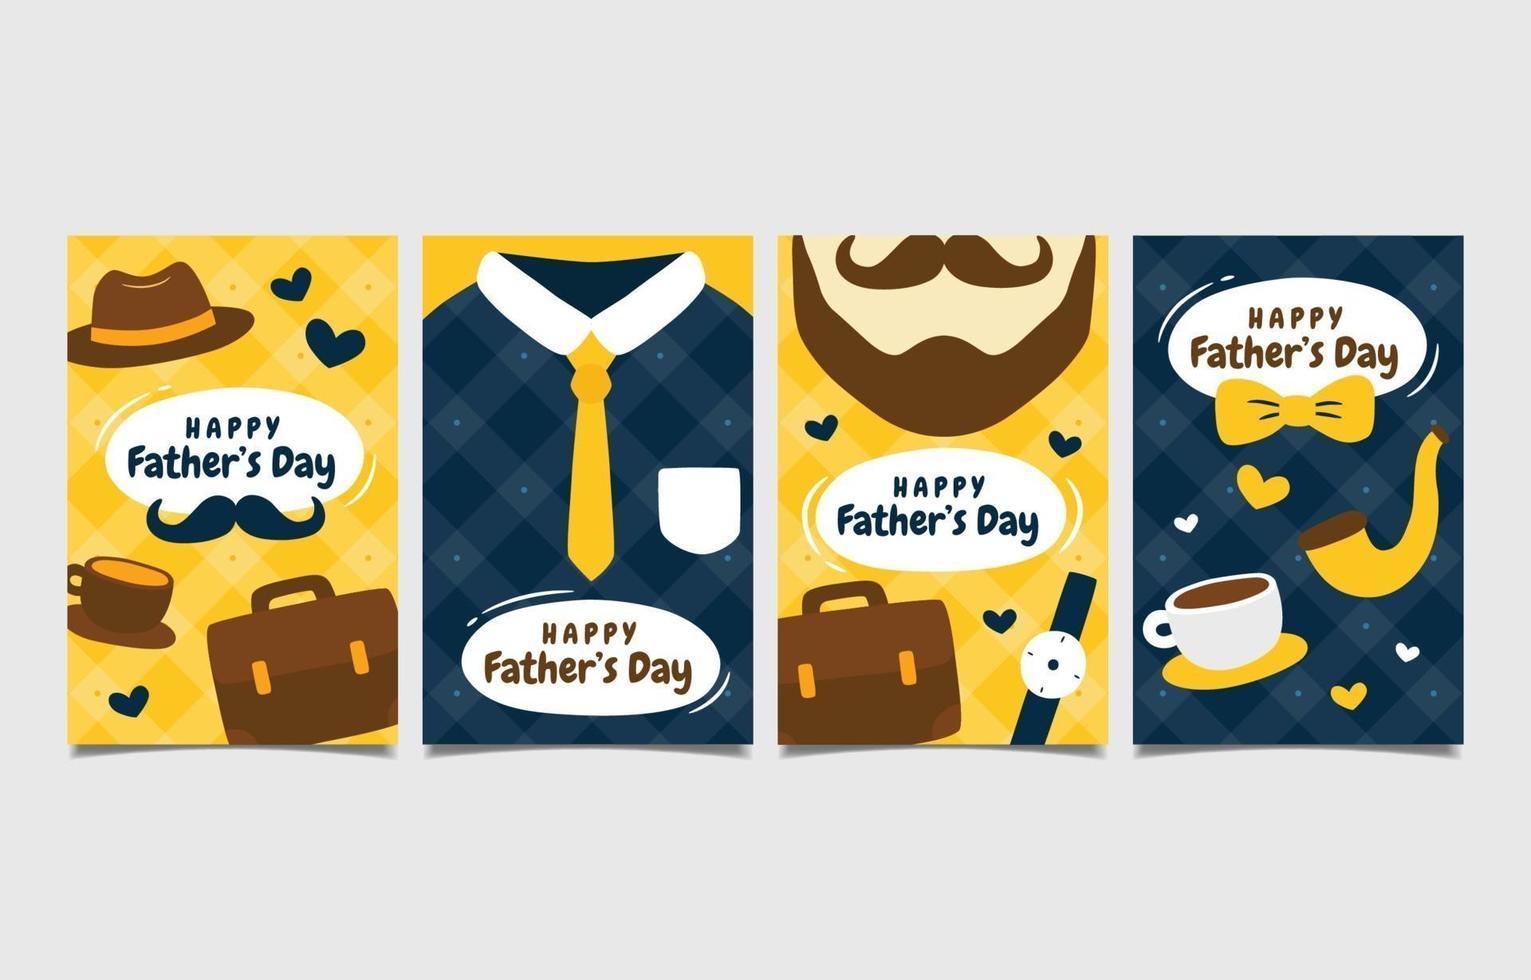 coleção de cartões de felicitações para o dia dos pais feliz vetor